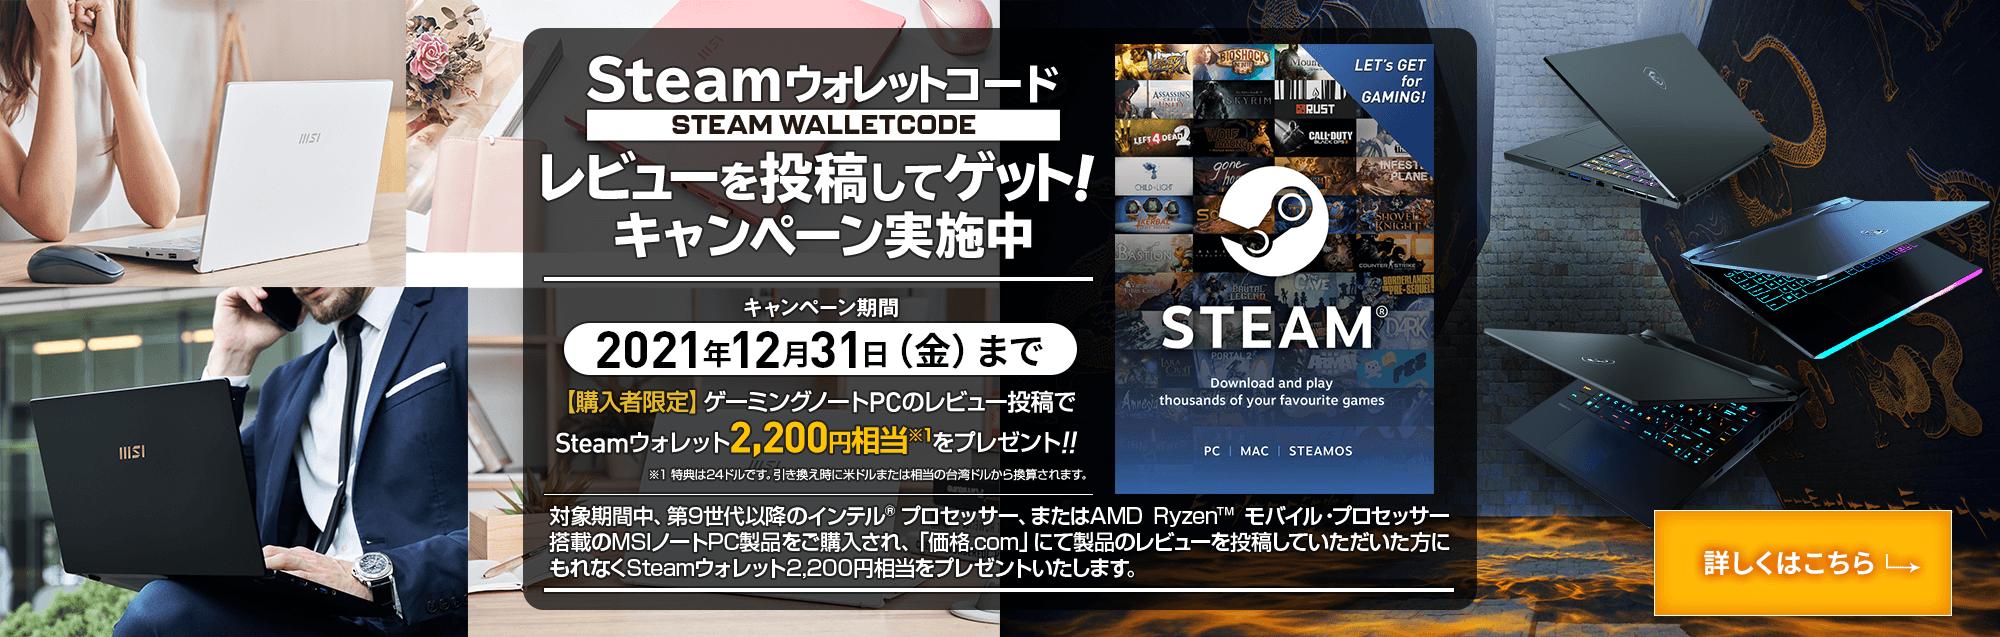 steamwallet